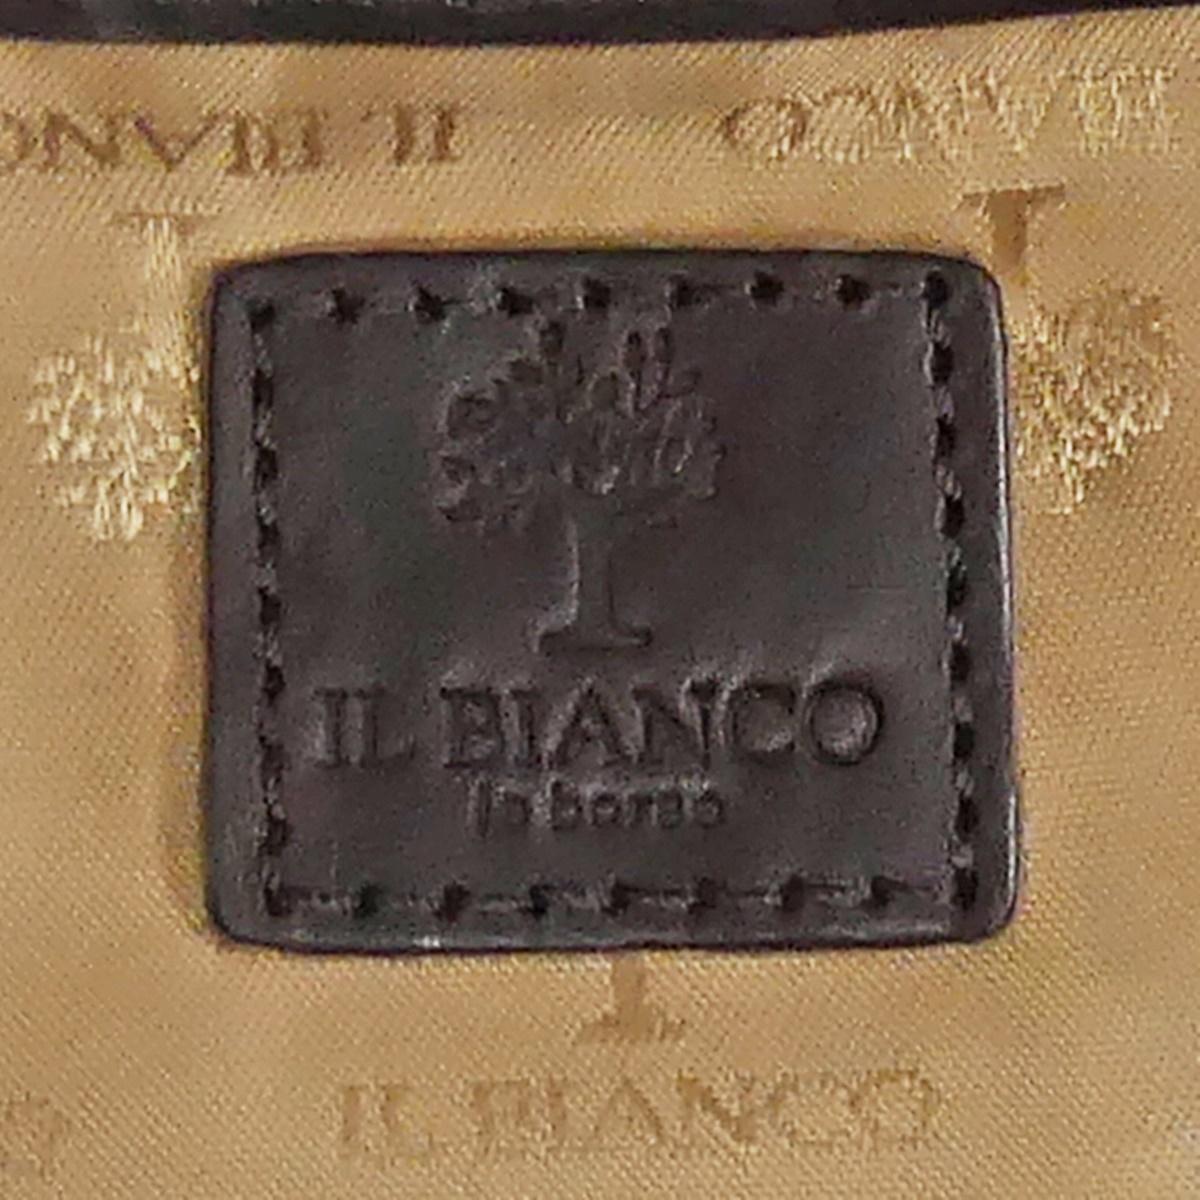 即決★IL BIANCO★レザーハンドバッグ イルビアンコ メンズ 茶 焦茶 本革 トートバッグ 本皮 かばん 鞄 レディース 手提げバッグ_画像9